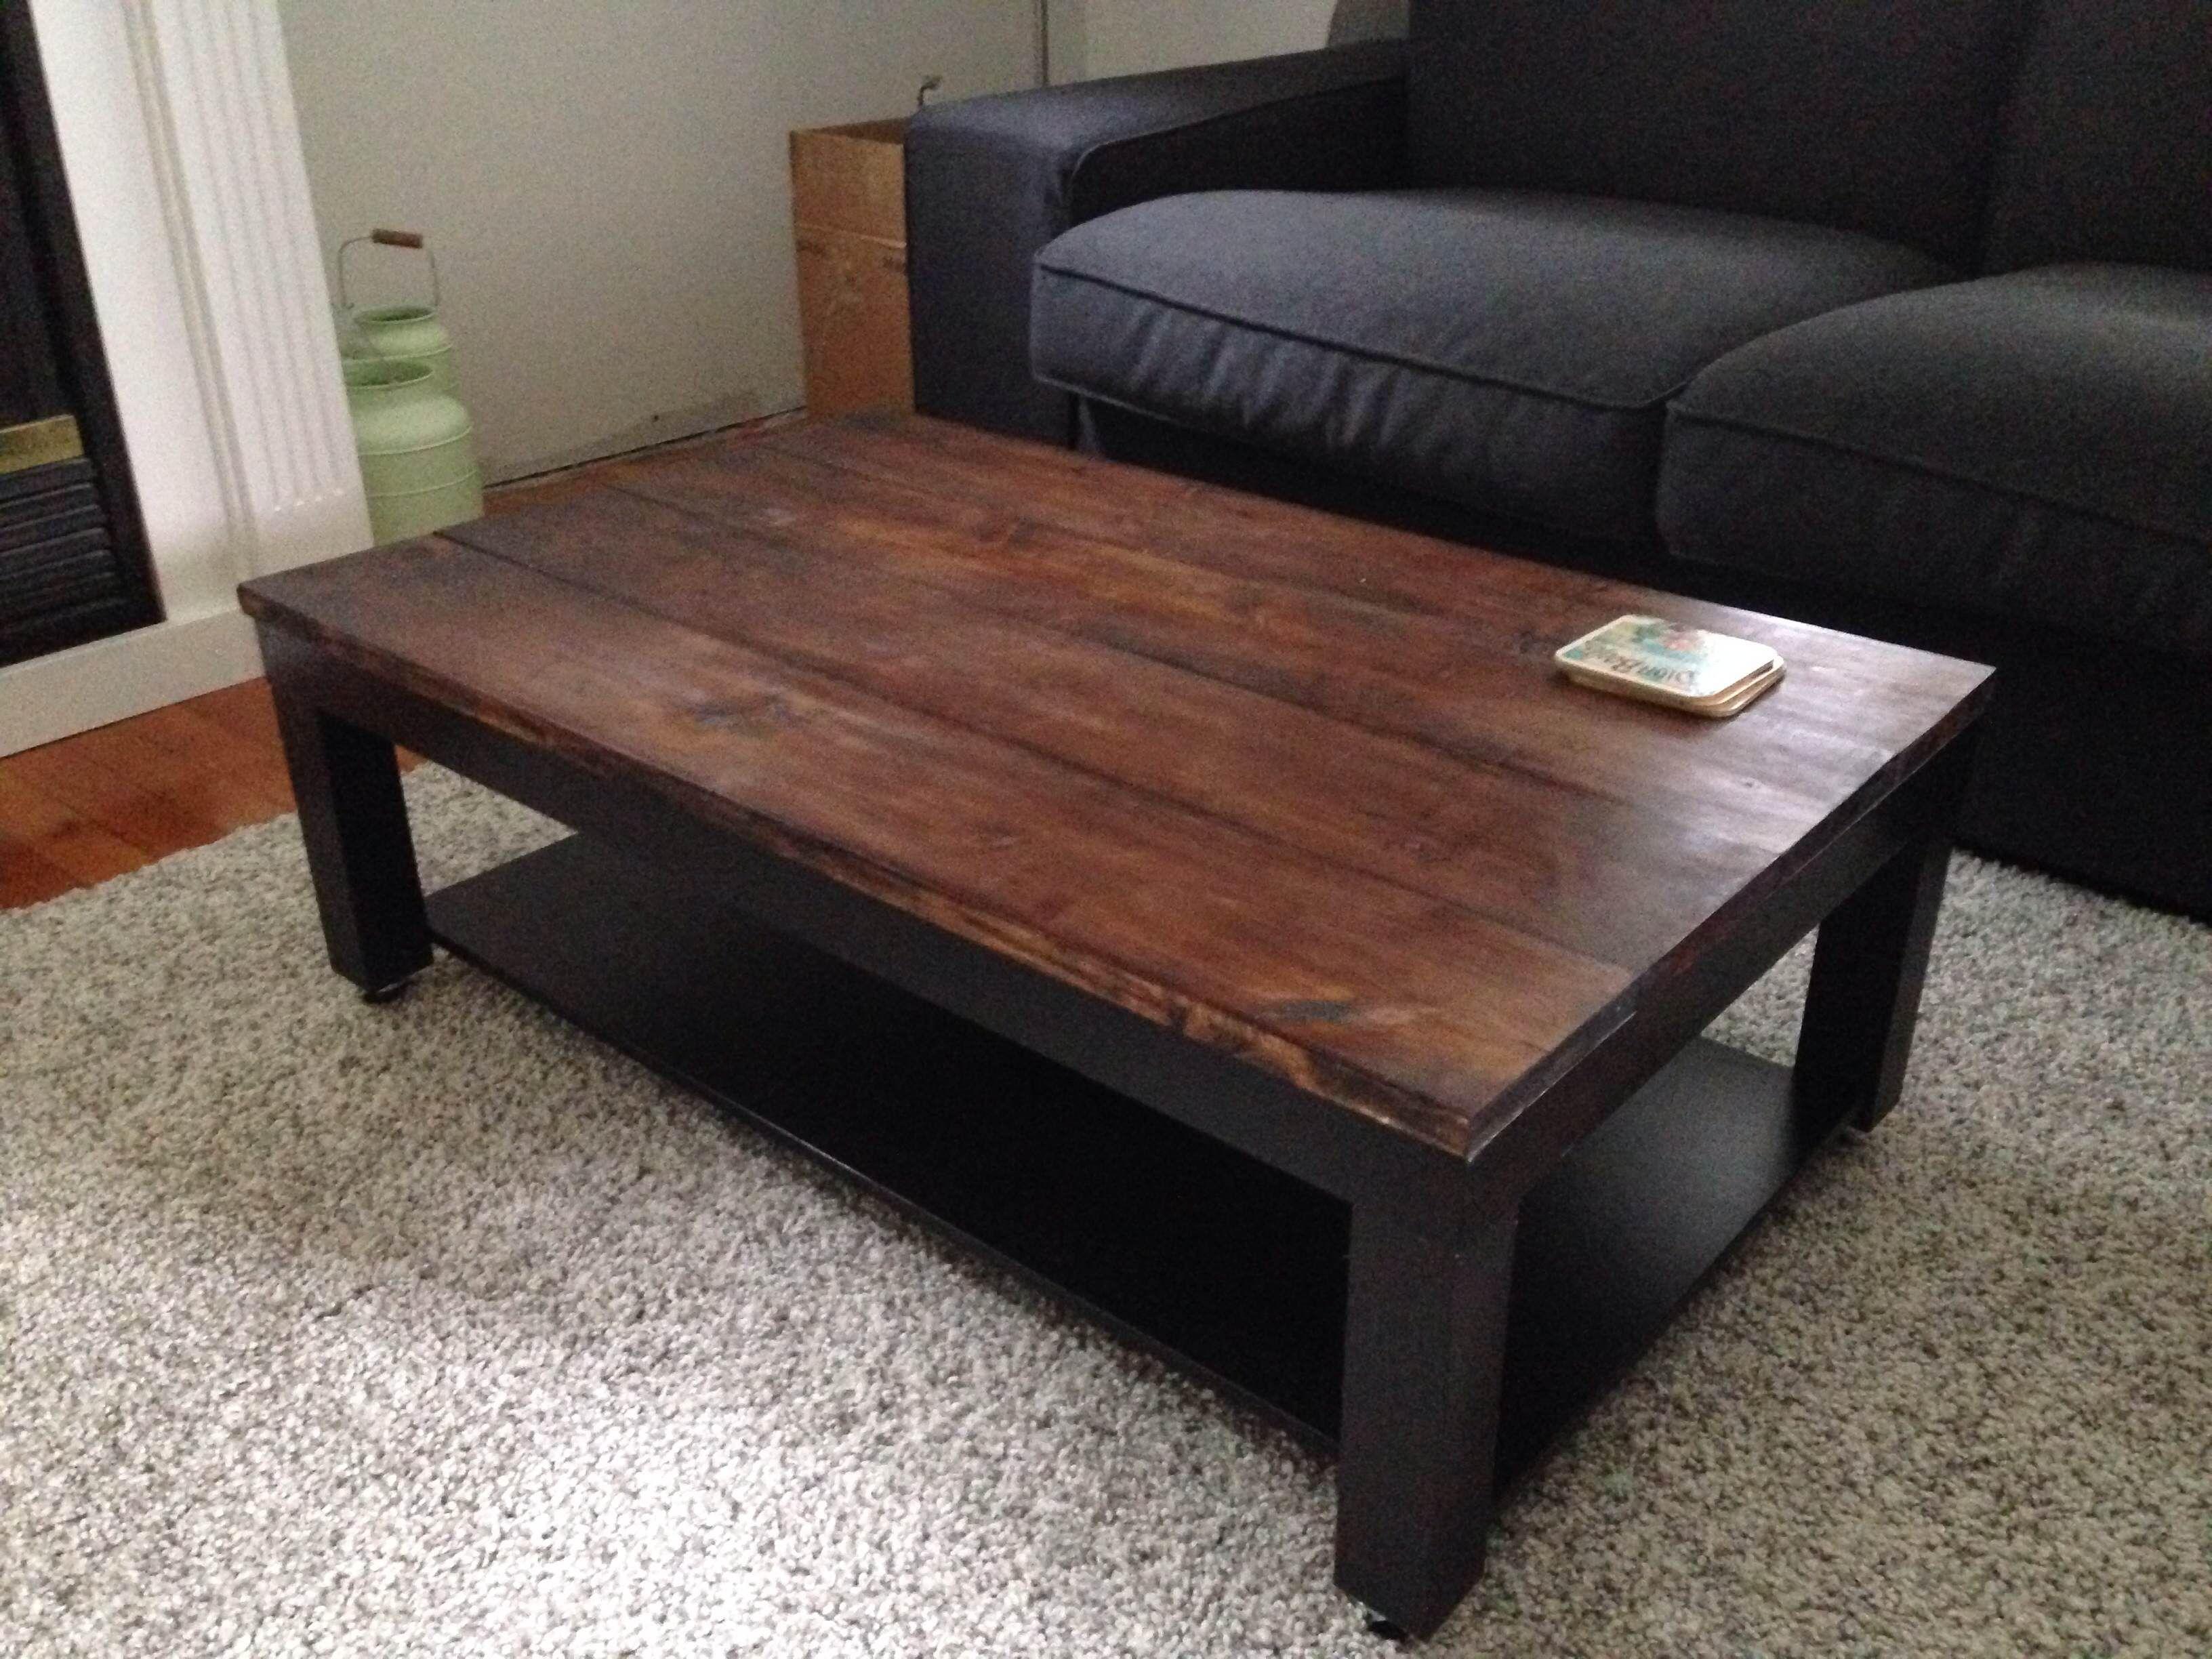 Ikea Coffee Table Lack